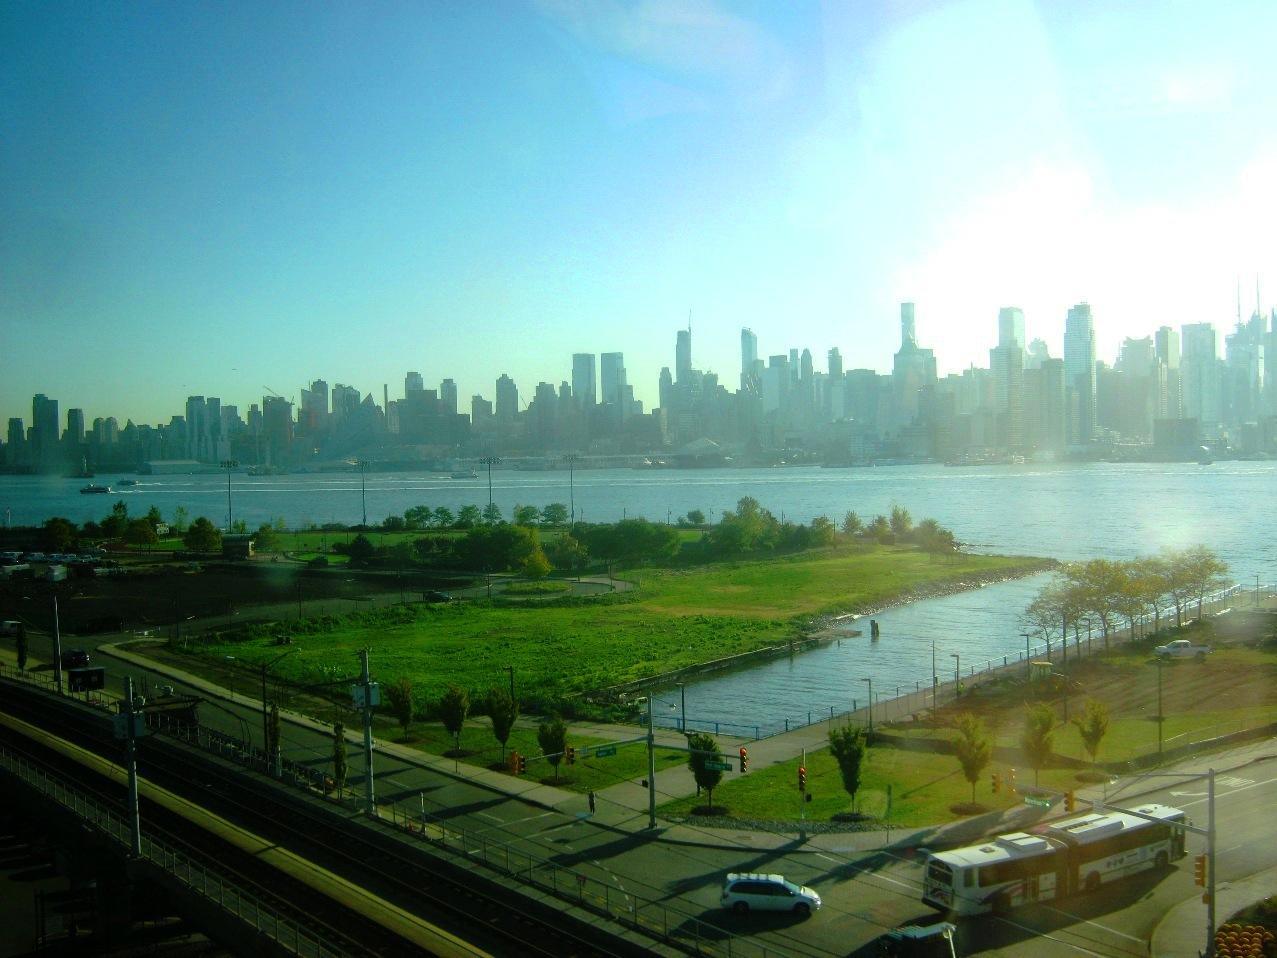 ハドソン川をはさんでマンハッタンのビル街。